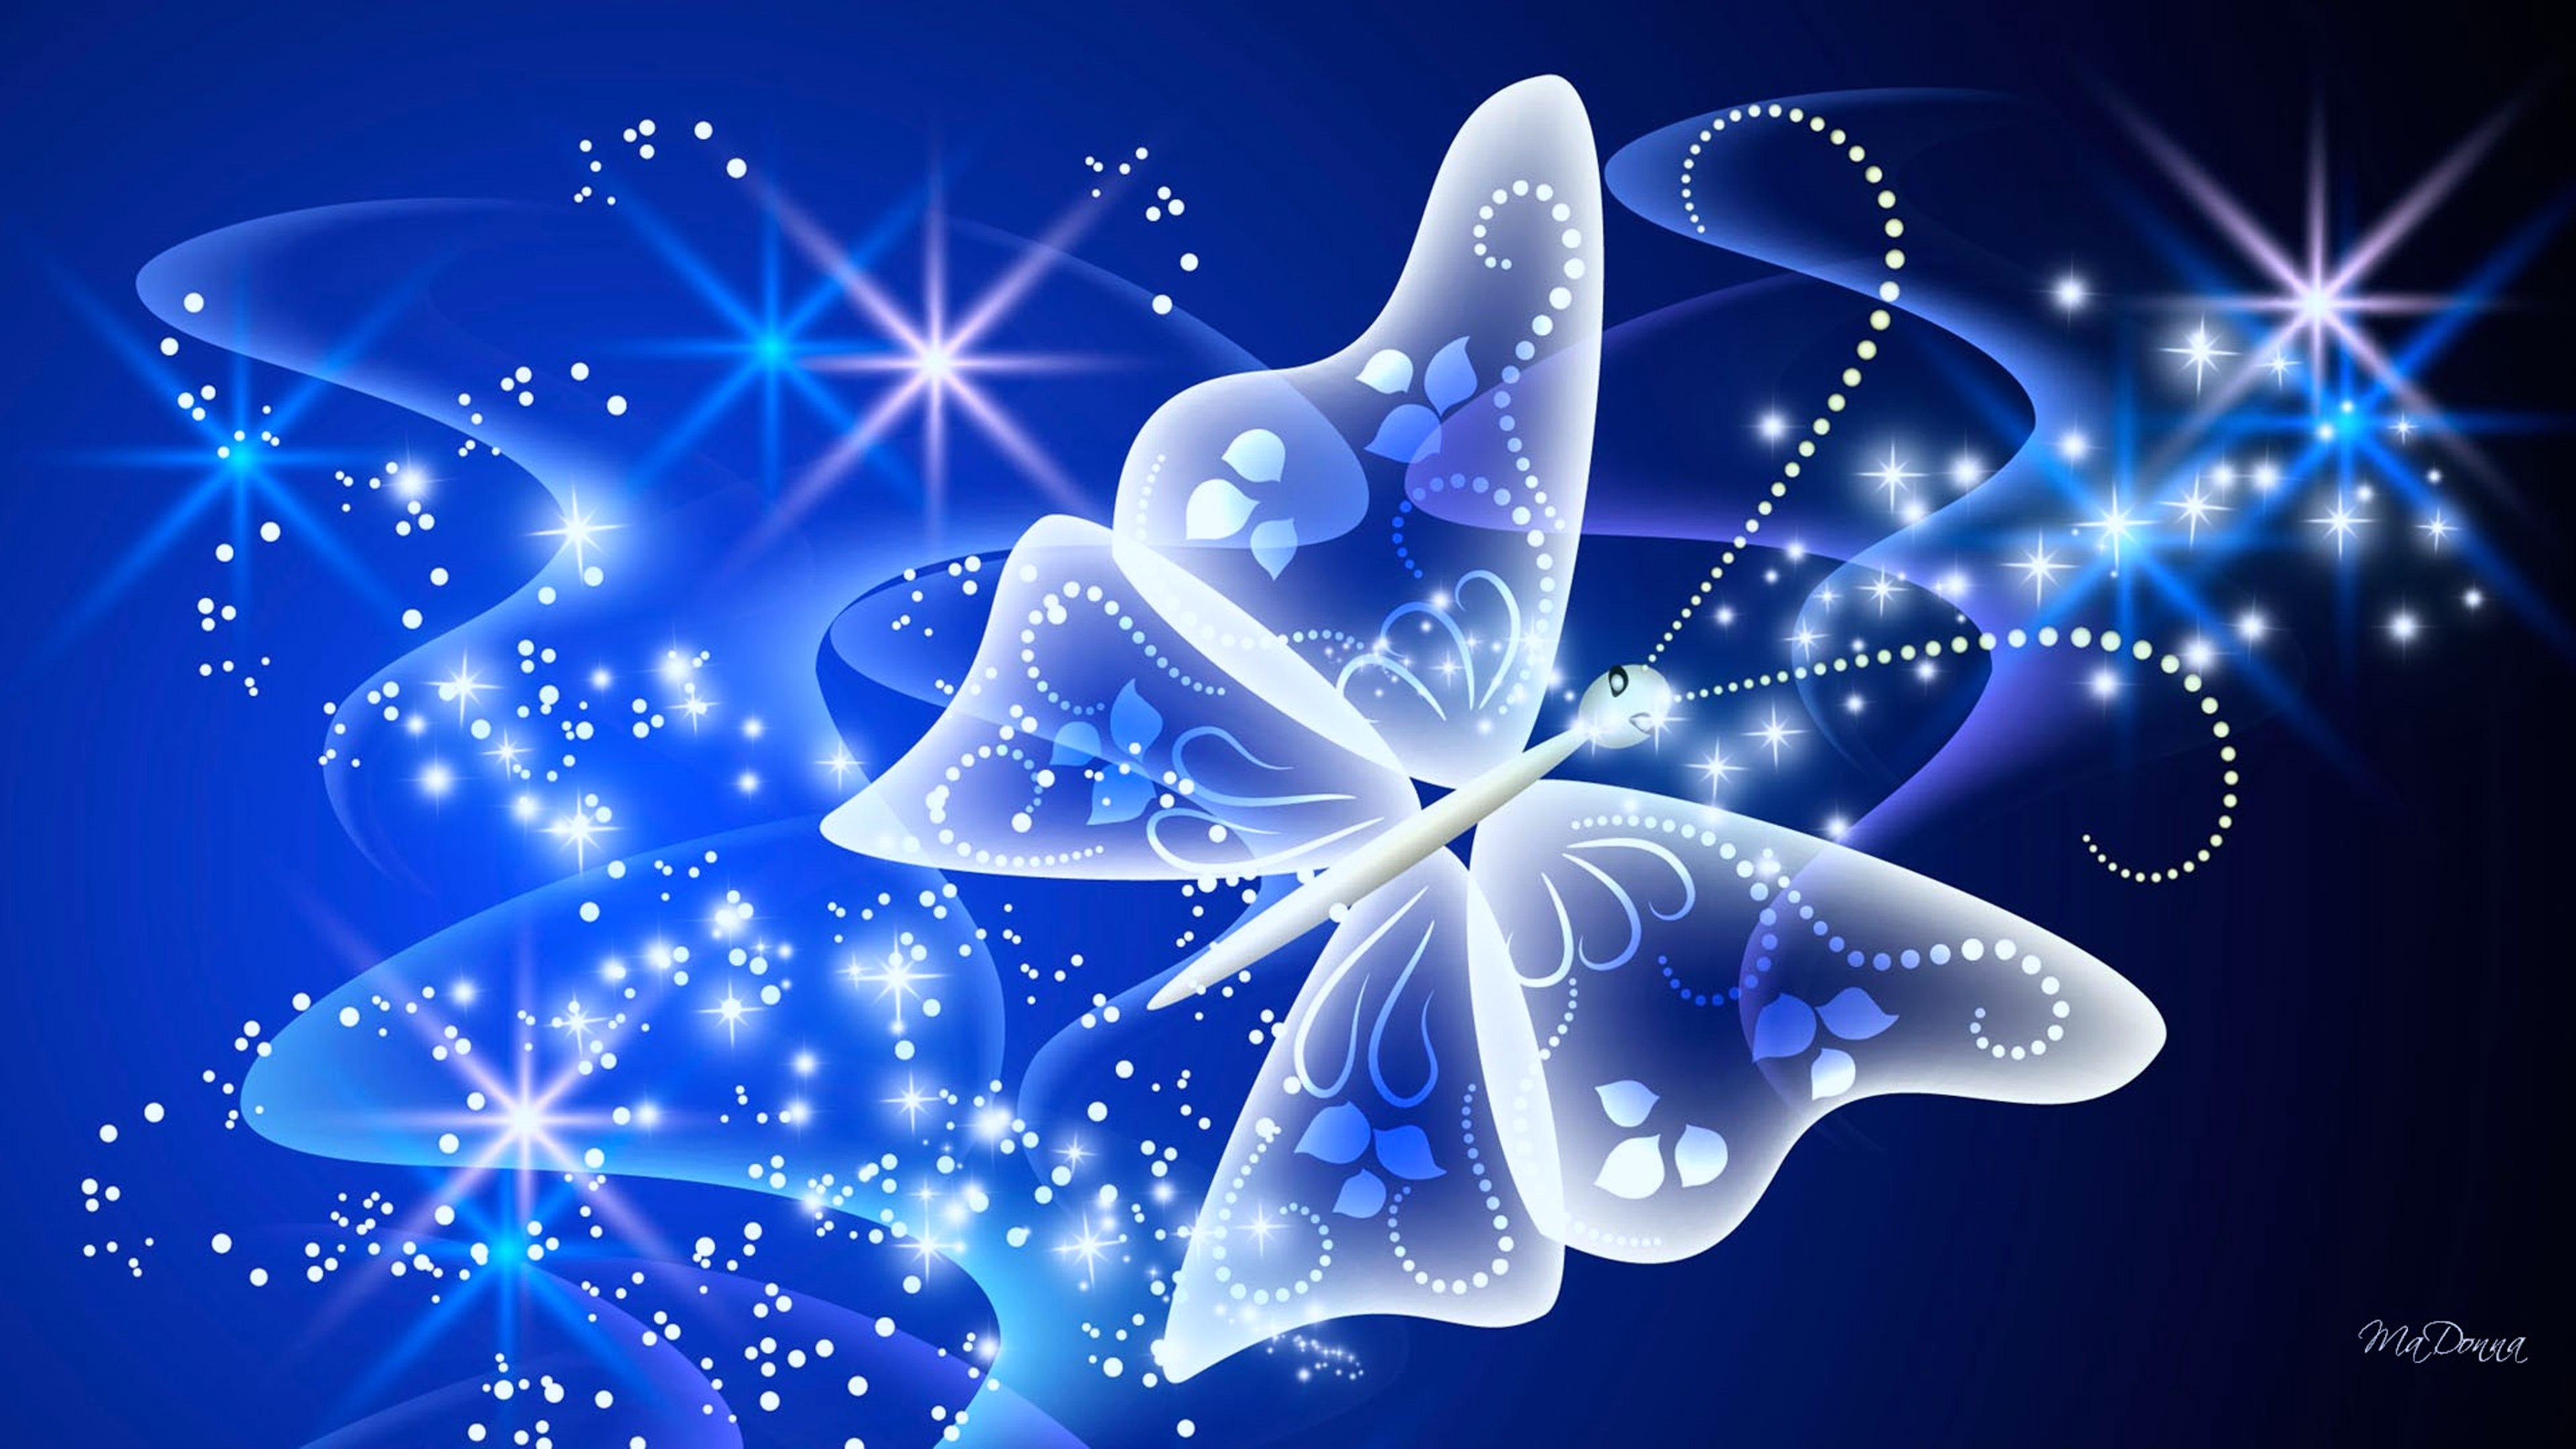 позировала картинка волшебные звезды все нюансы